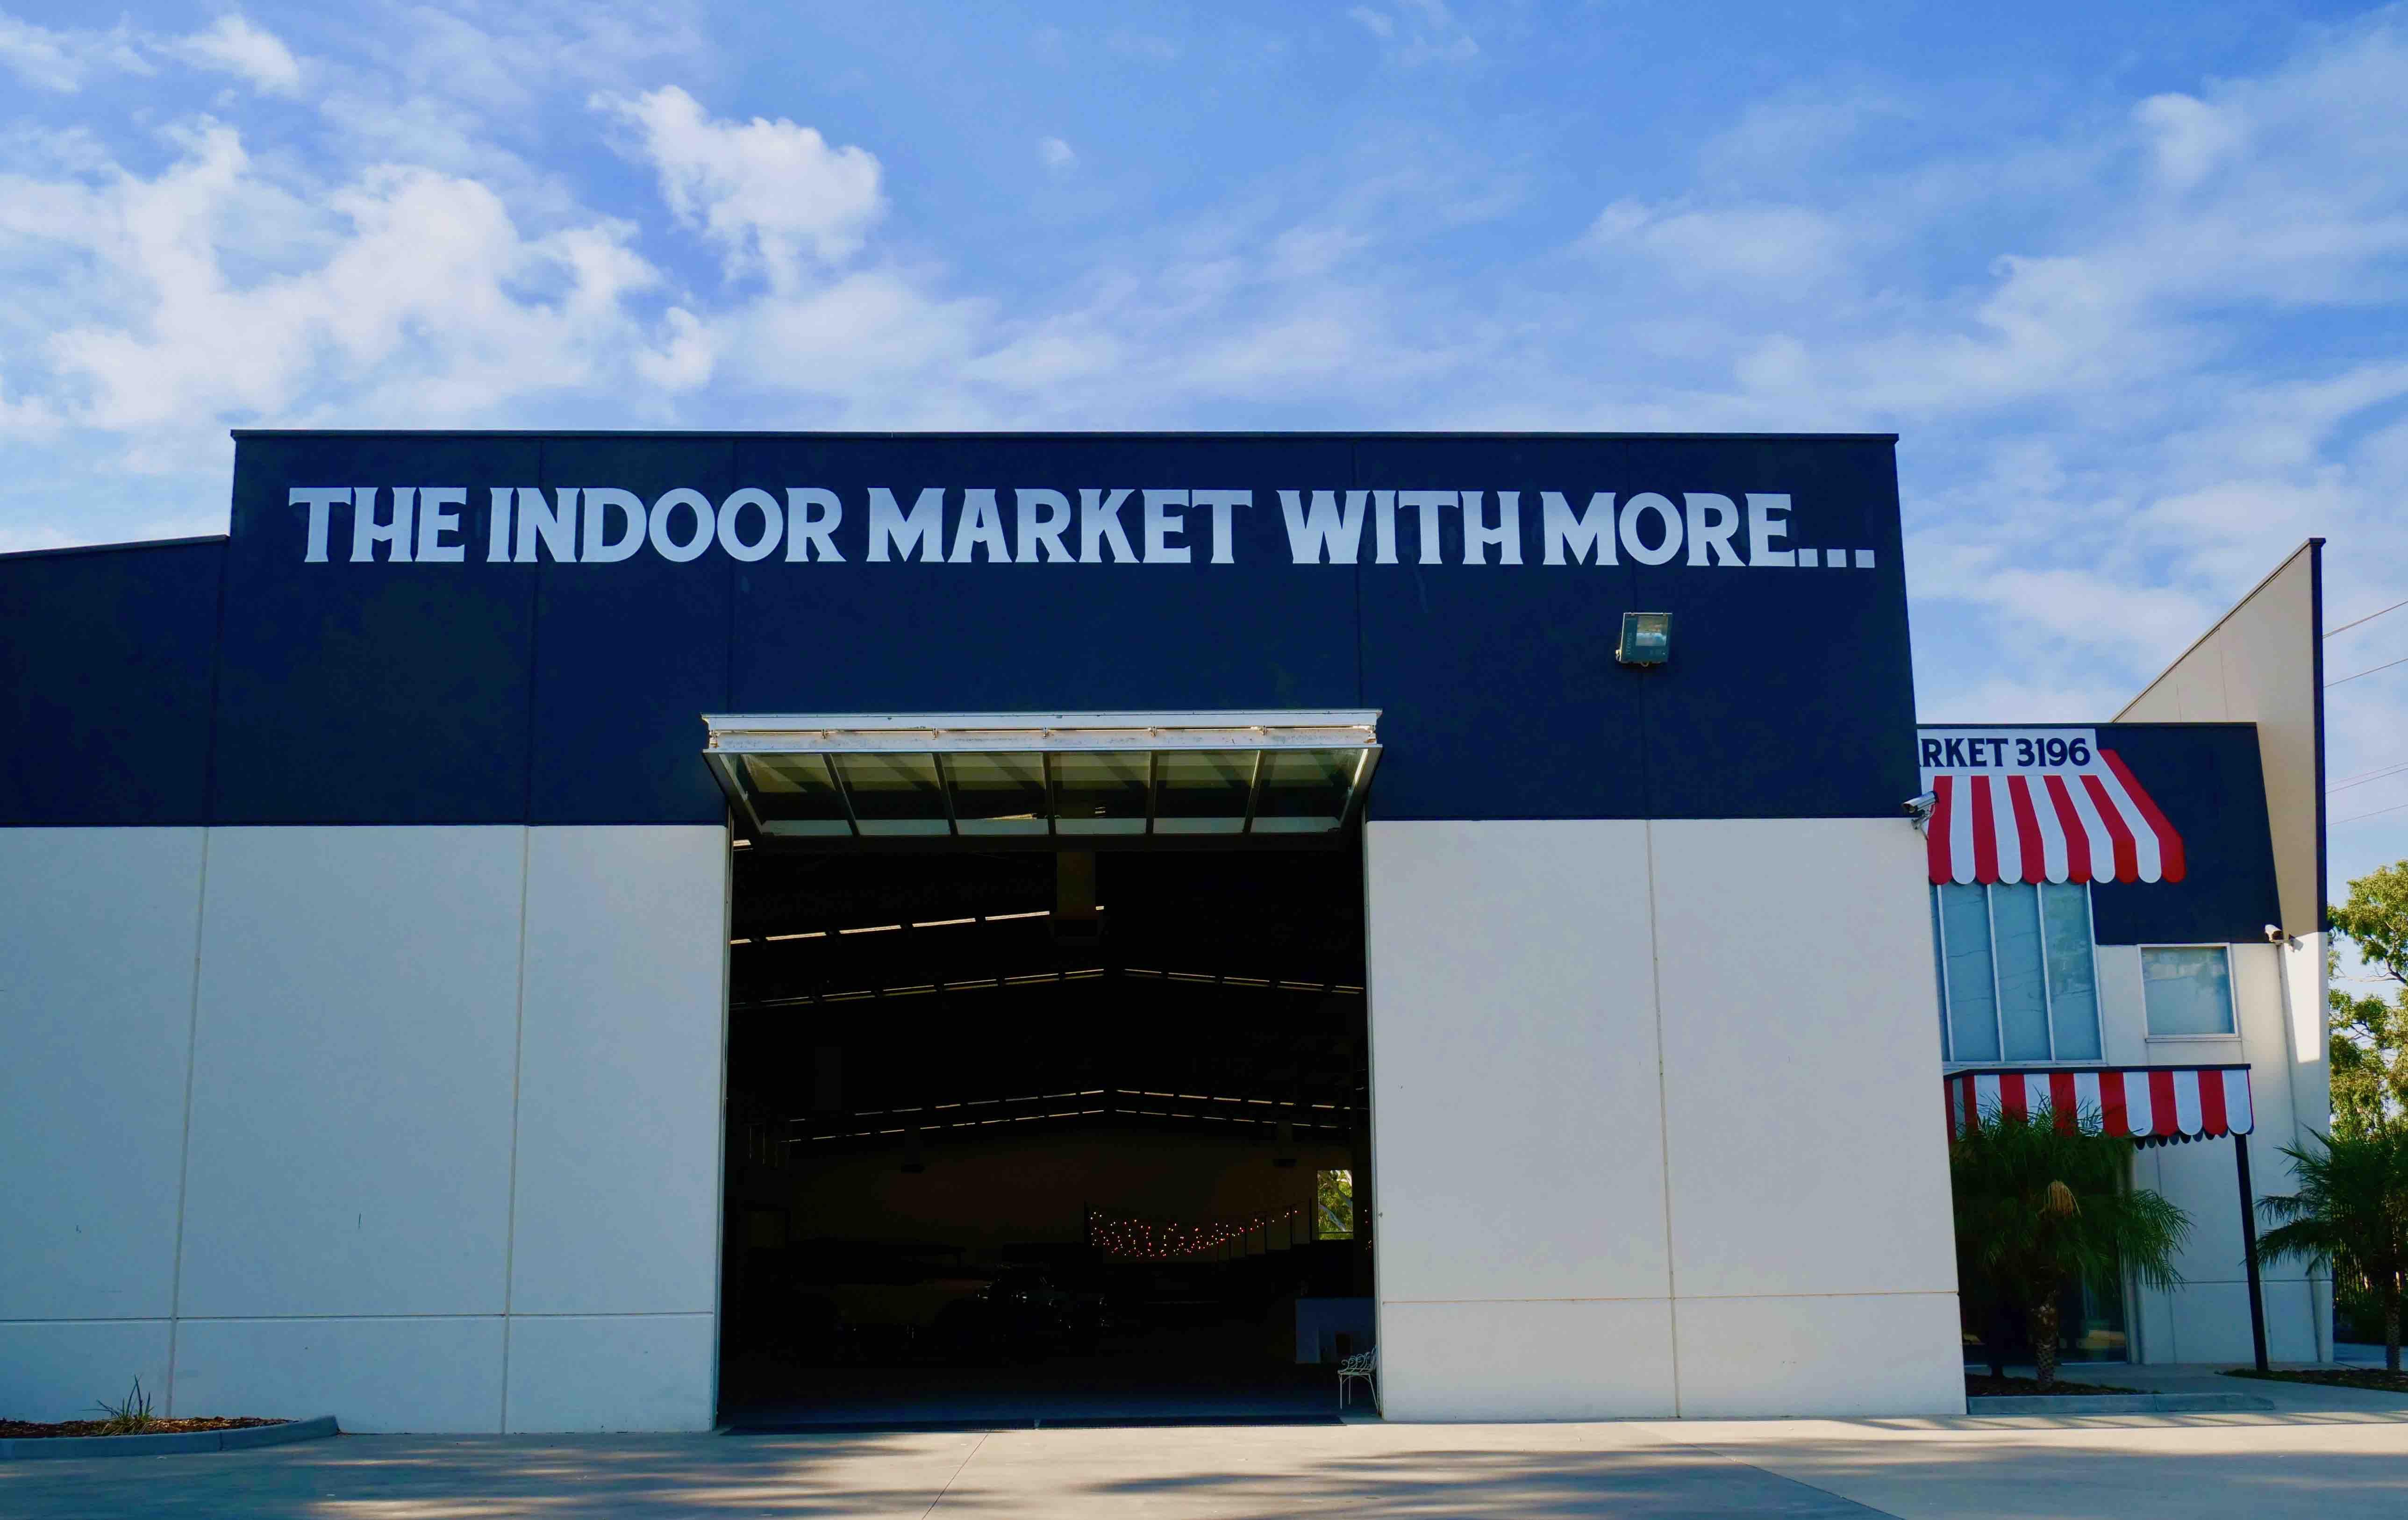 market 3196 chelsea heights indoor market